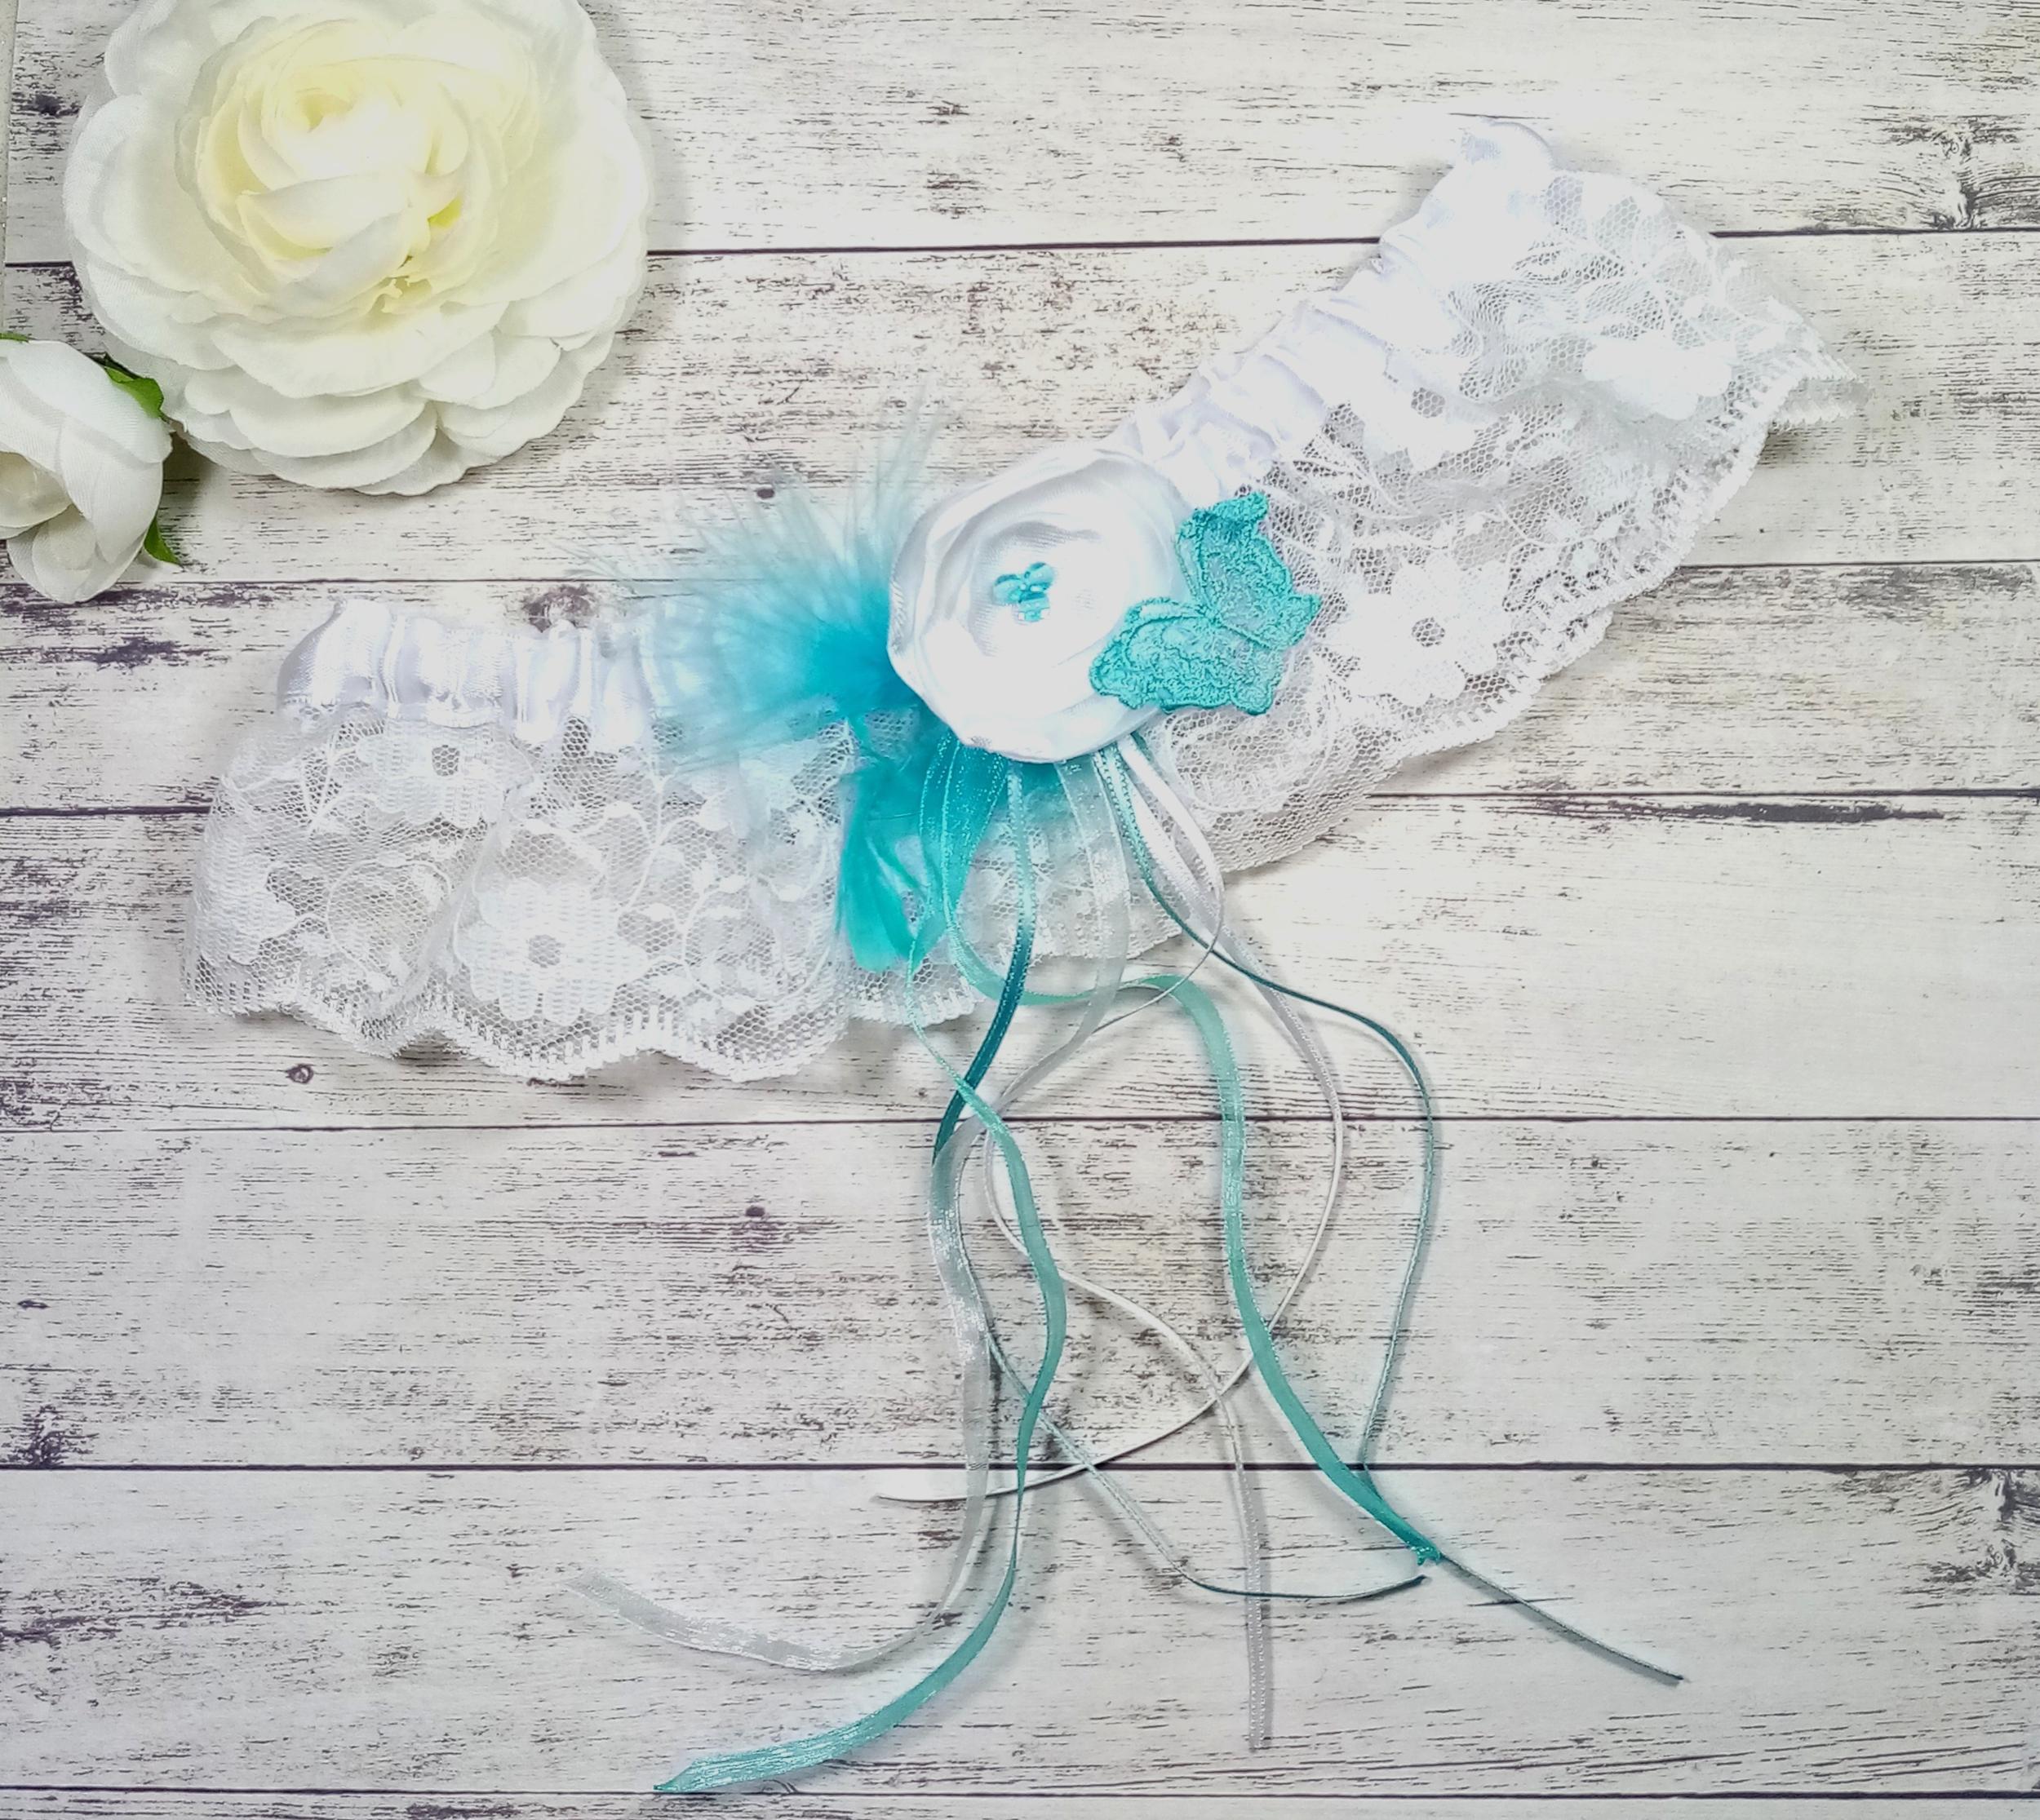 Jarretière mariée papillon plume mariage turquoise blanc personnalisé